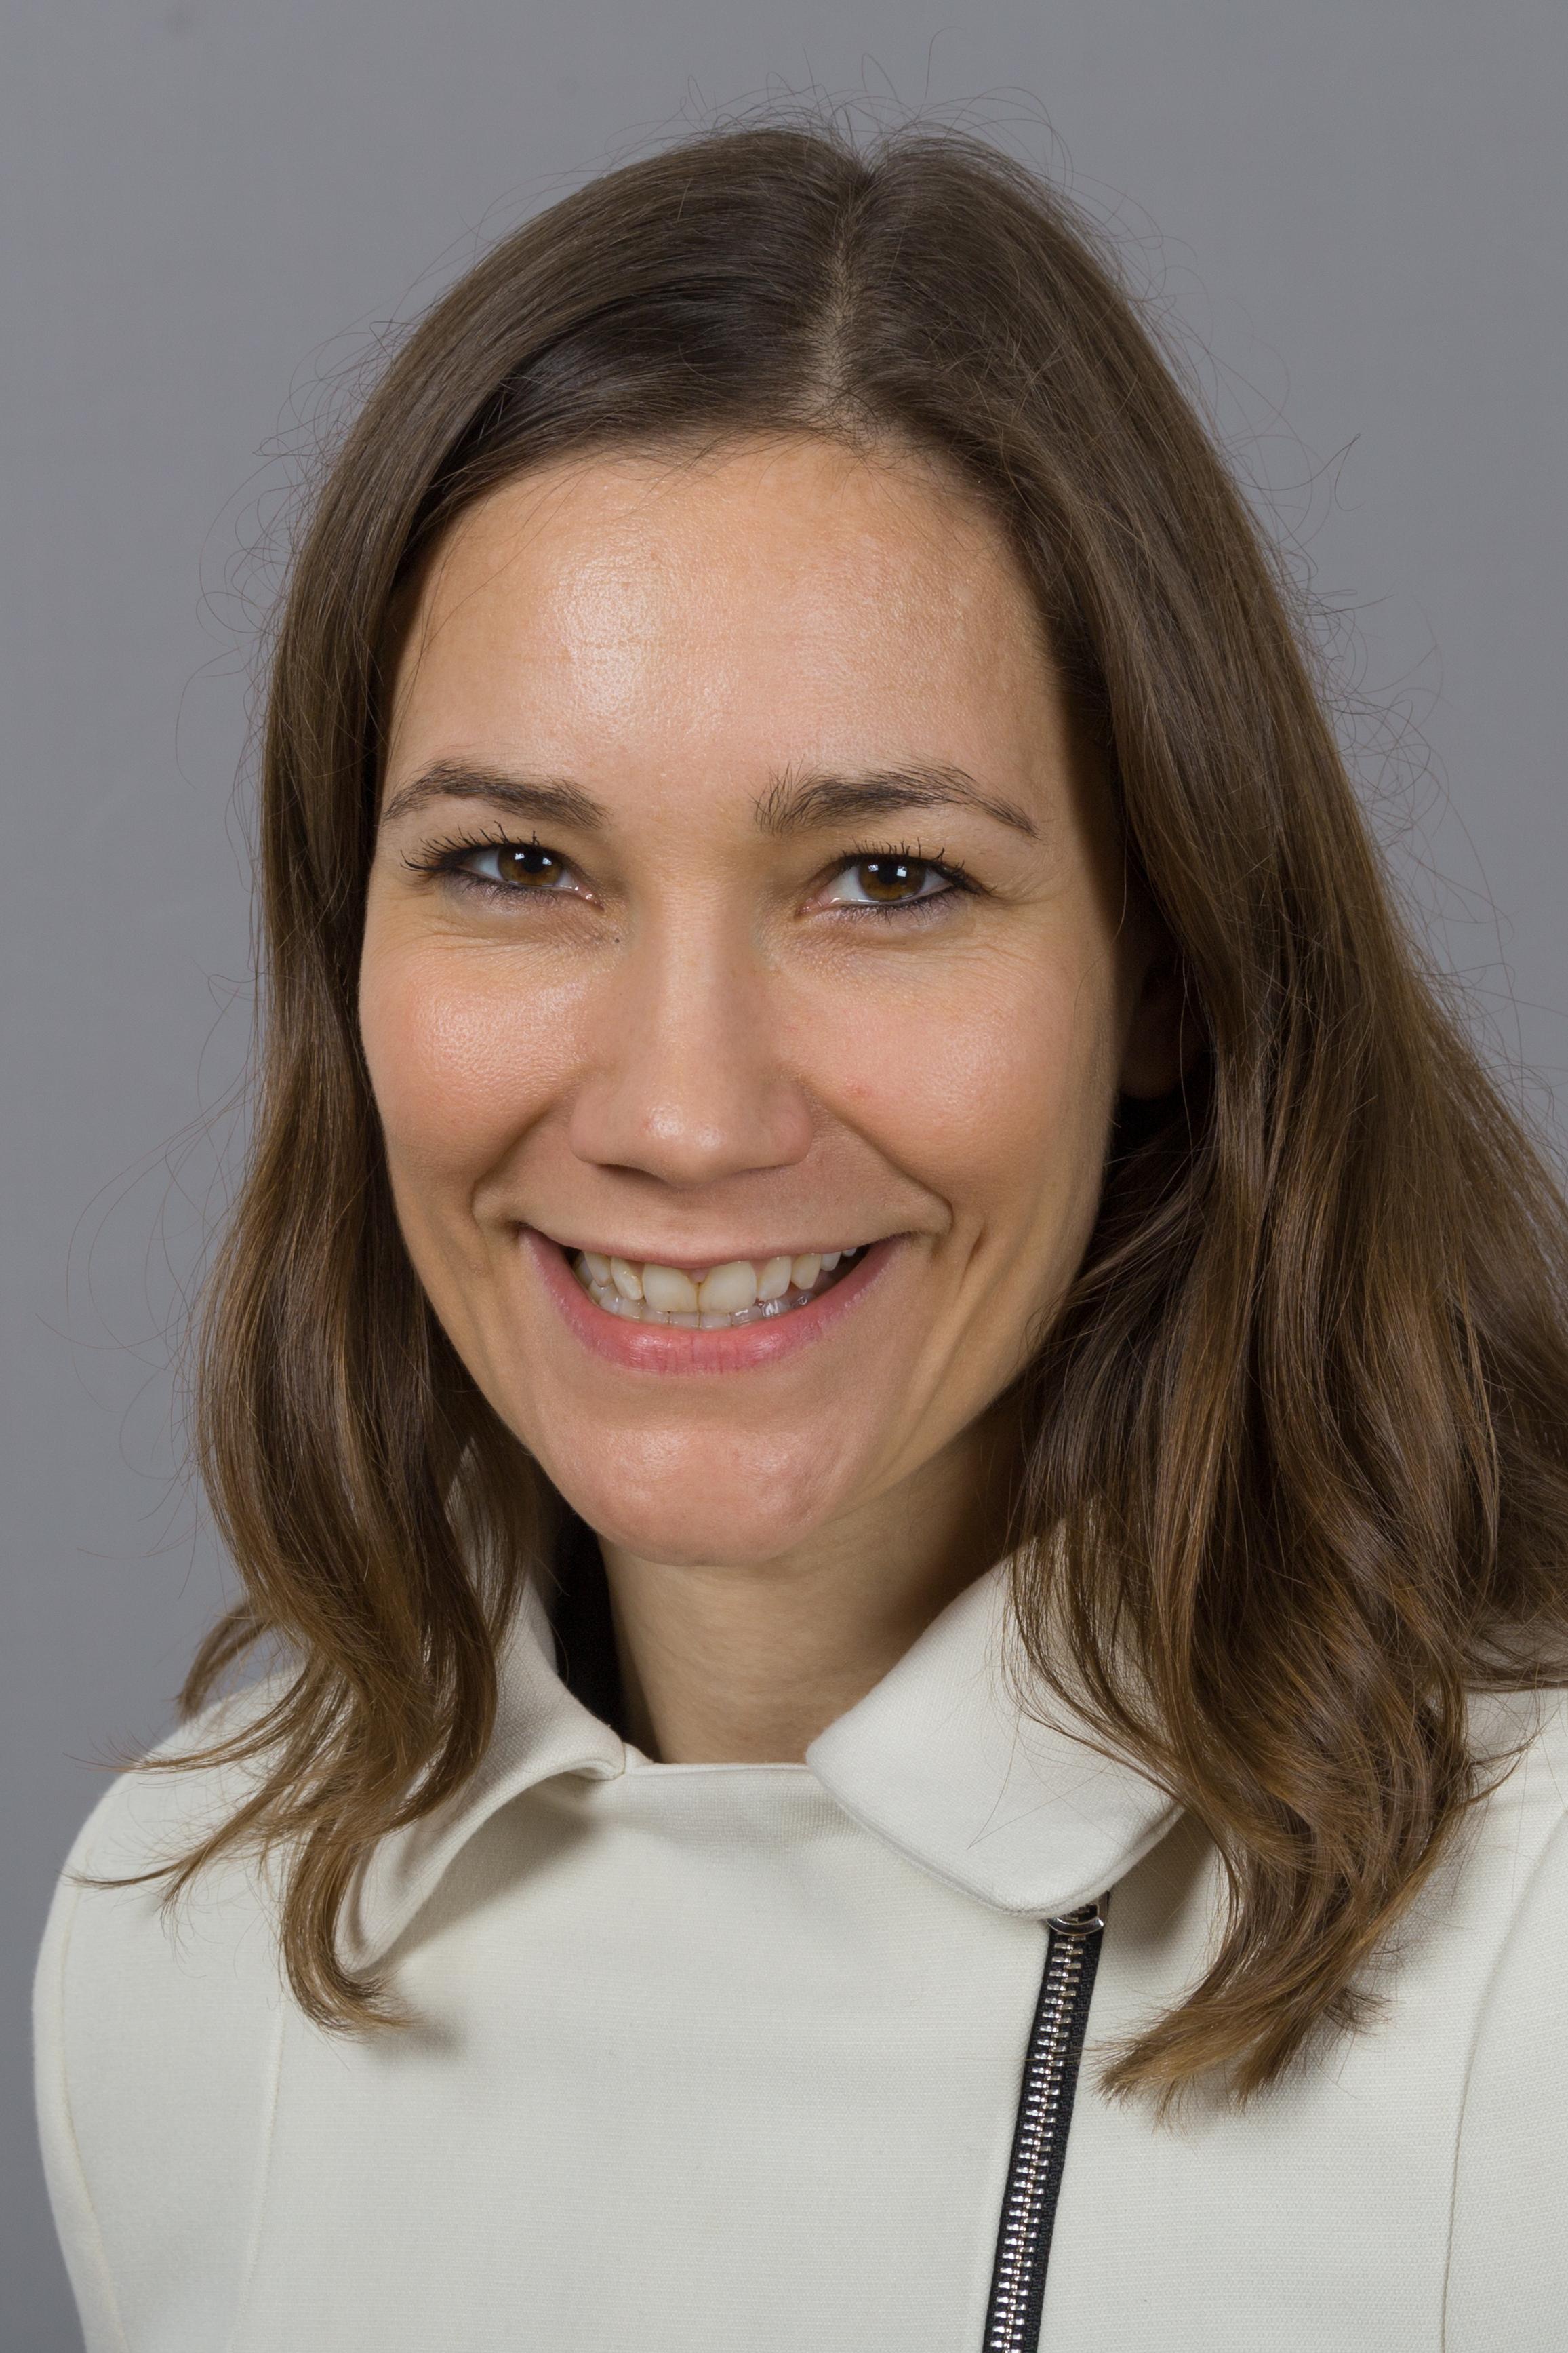 Anne Spiegel – Wikipedia